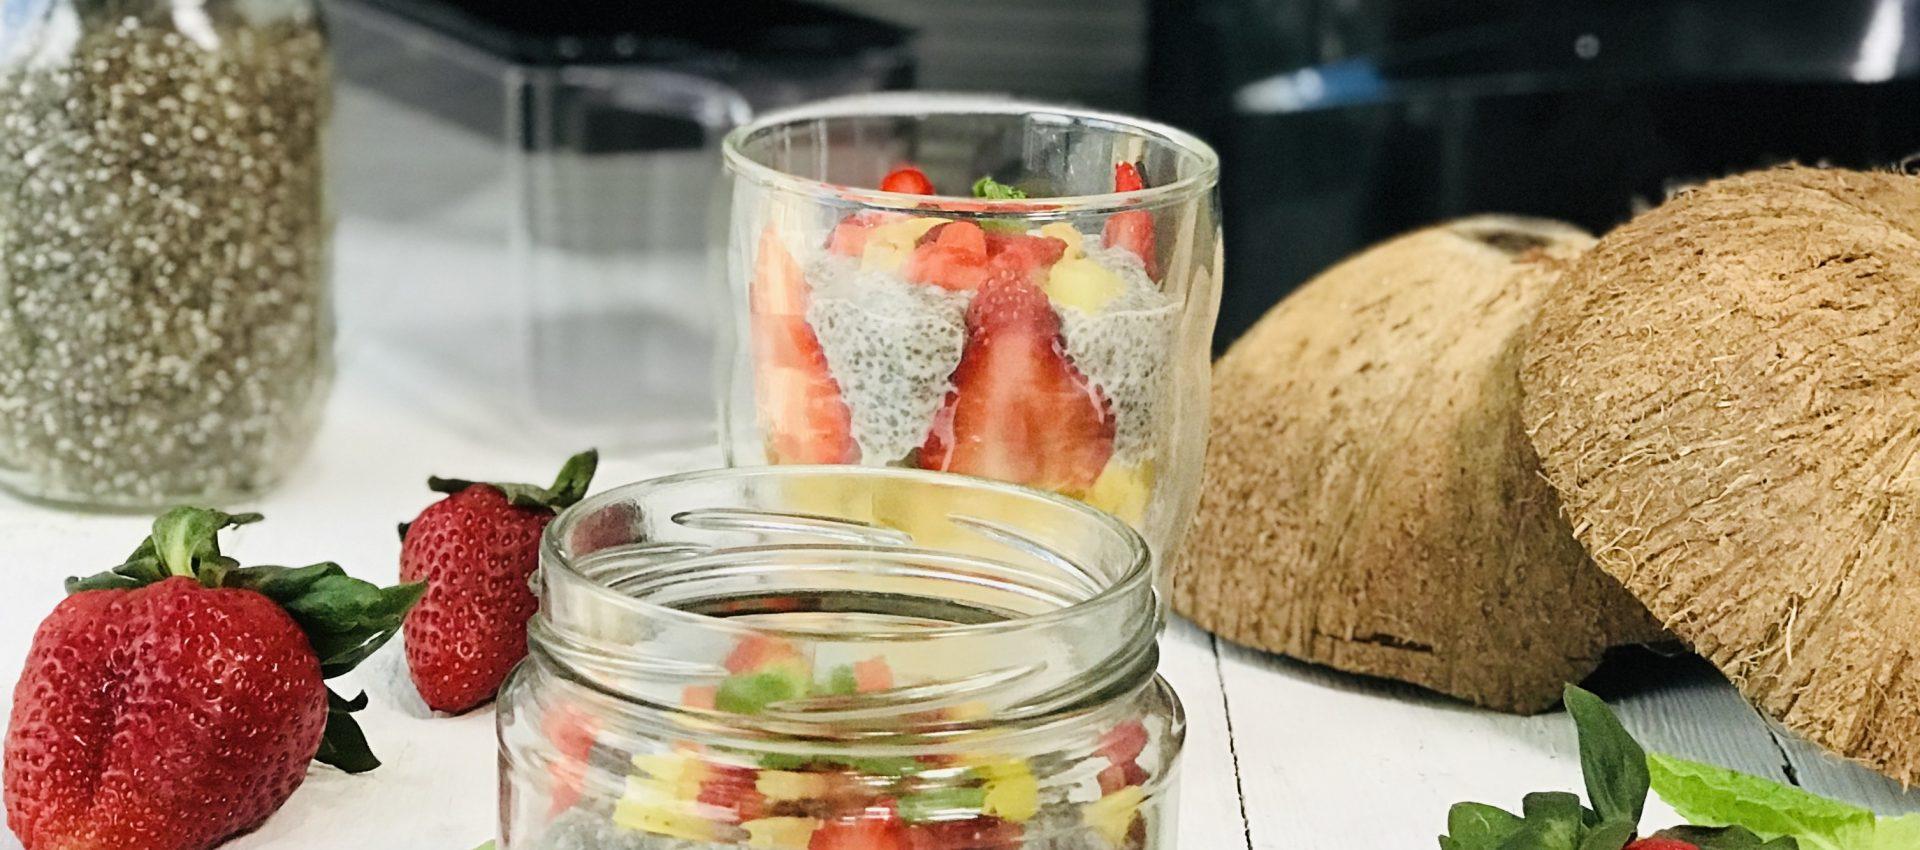 Coconut Milk Chia Chaff Pudding